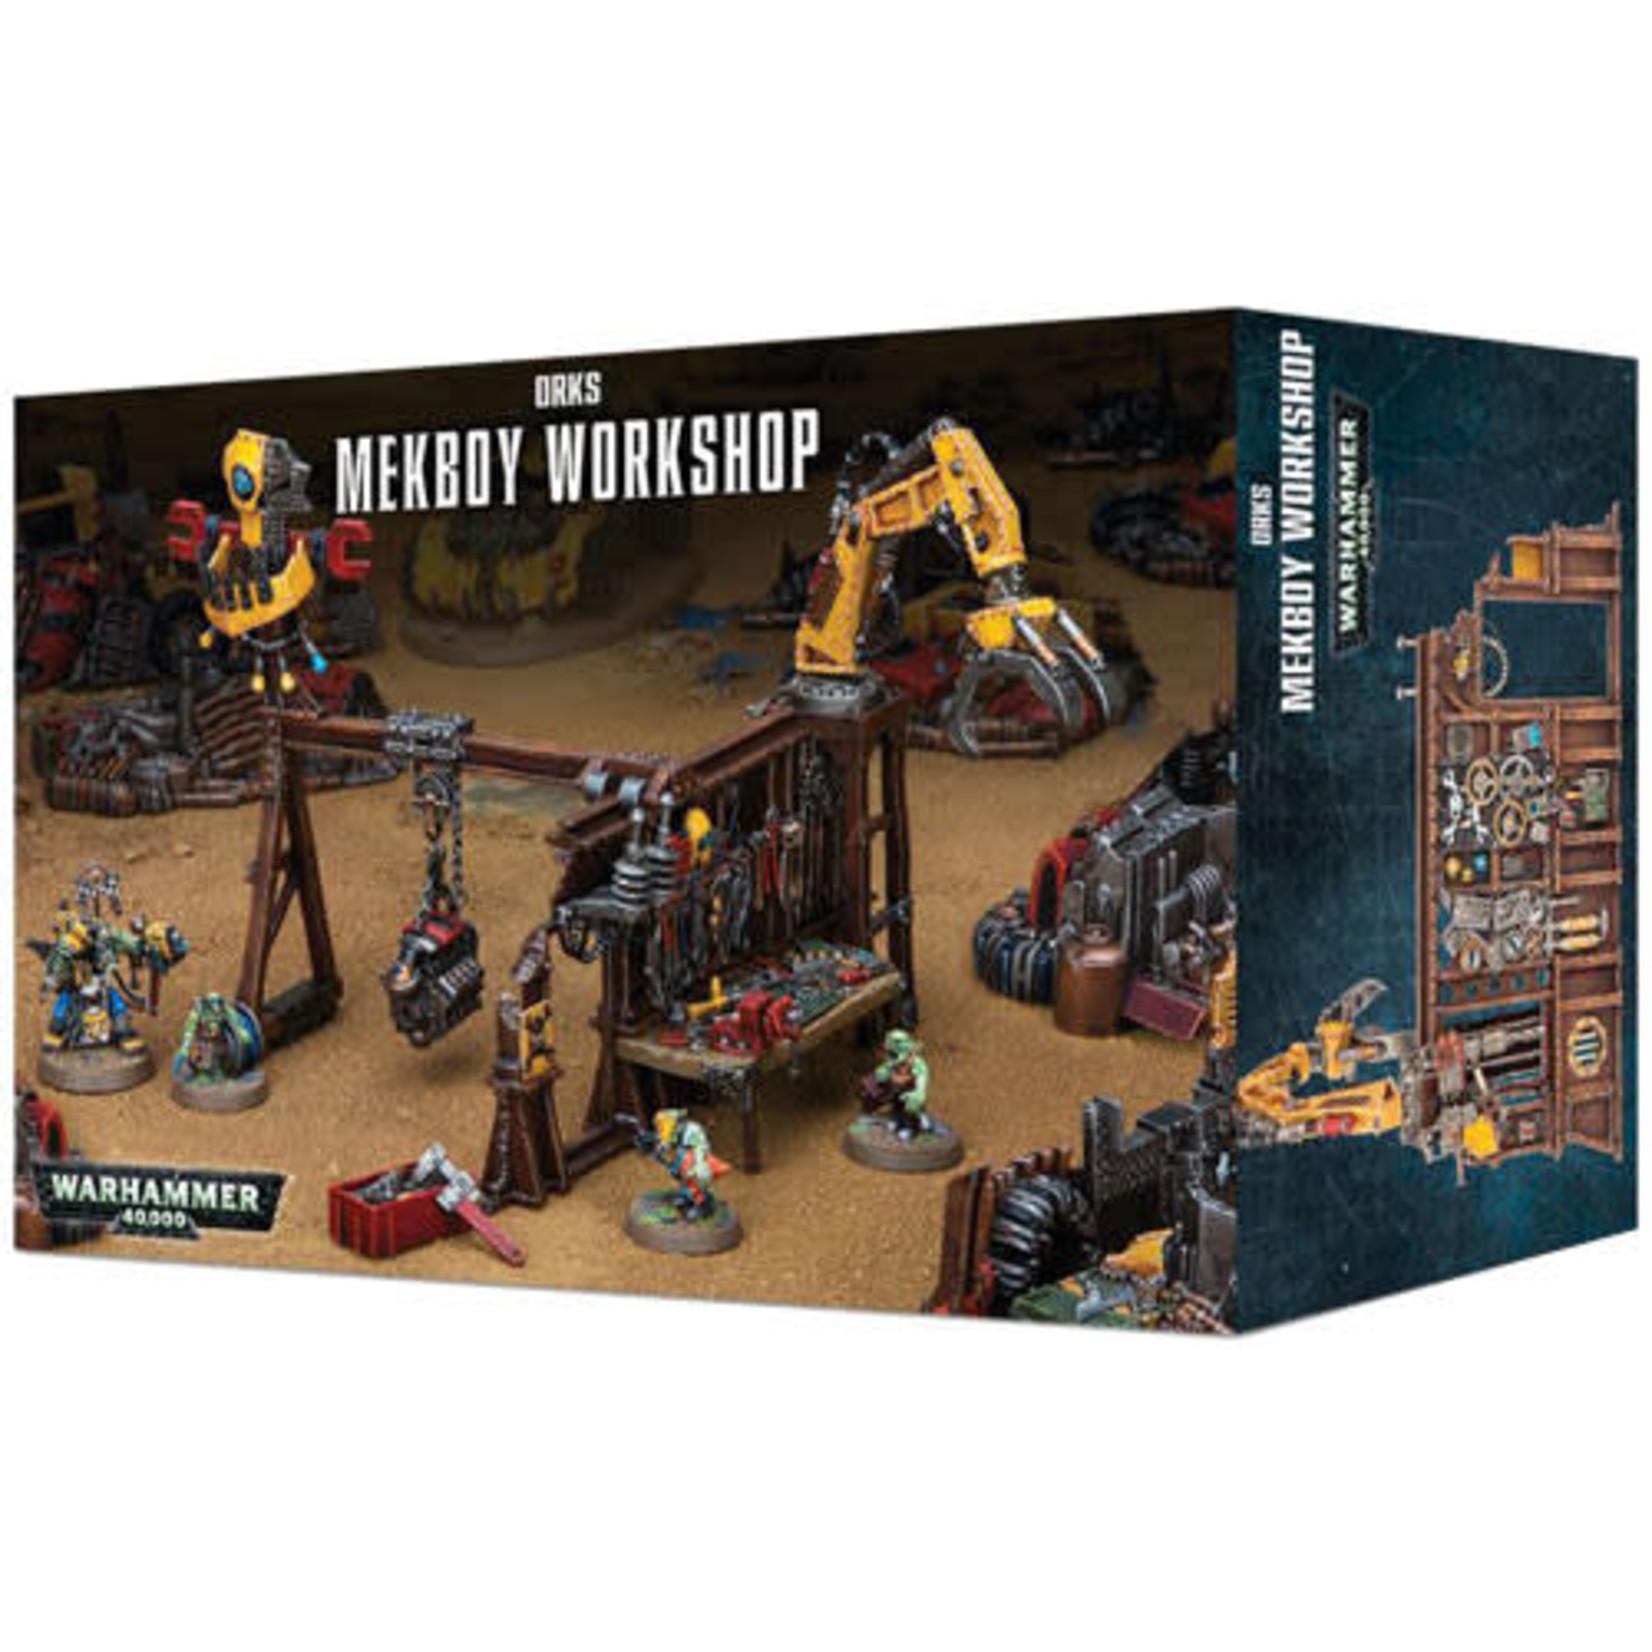 Mekboy Workshop (40K)